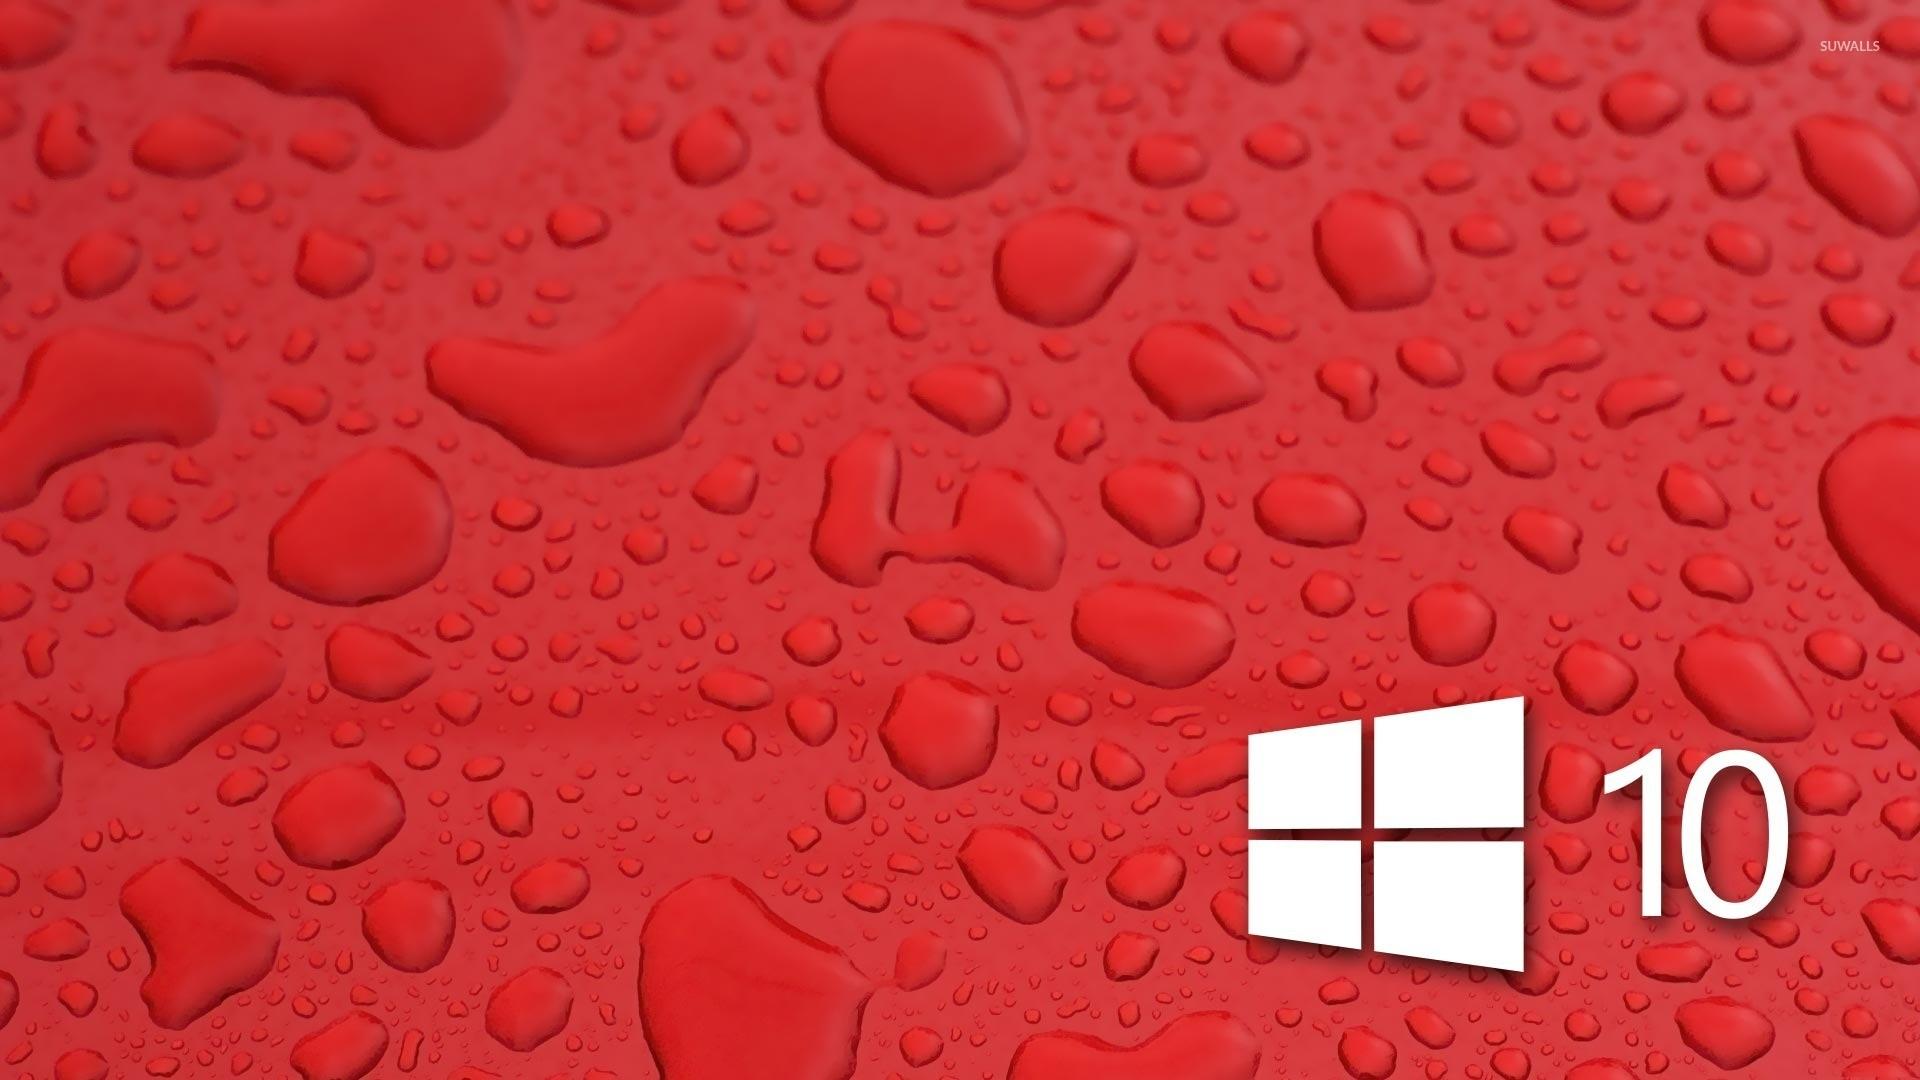 Windows 10 on water drops [3] wallpaper jpg